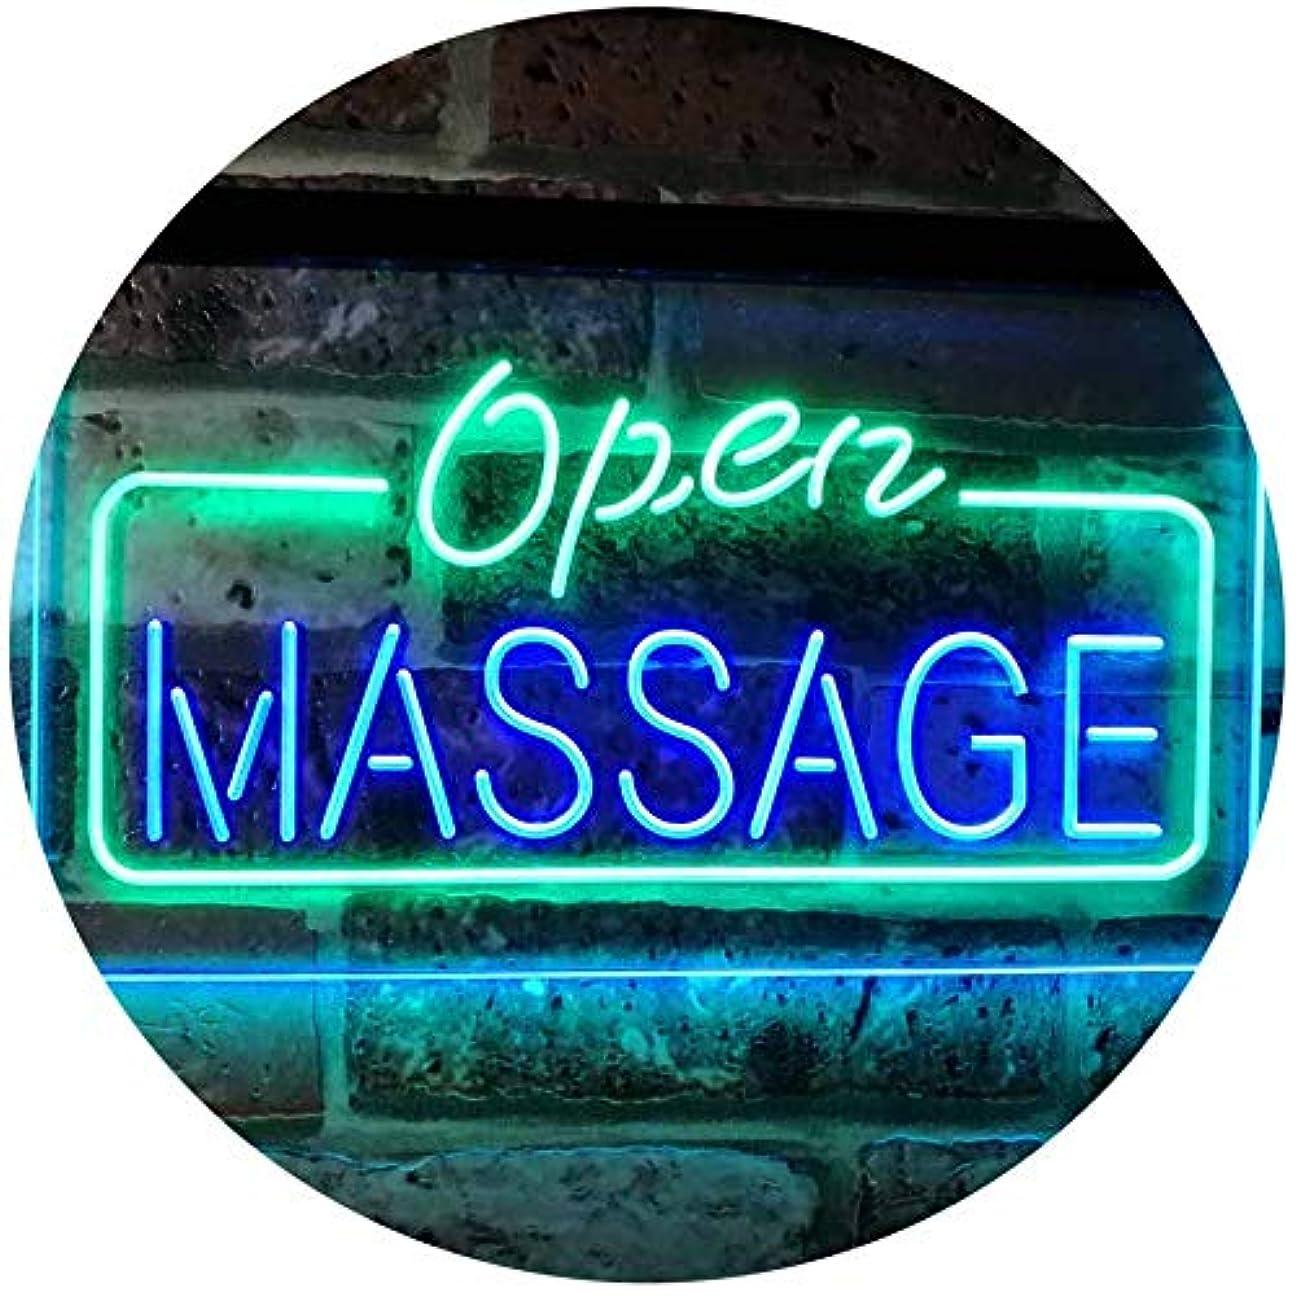 独裁軍団一般的なMassage Therapy Open Walk-In-Welcome Display Body Care LED看板 ネオンプレート サイン 標識 Green & Blue 400mm x 300mm st6s43-...